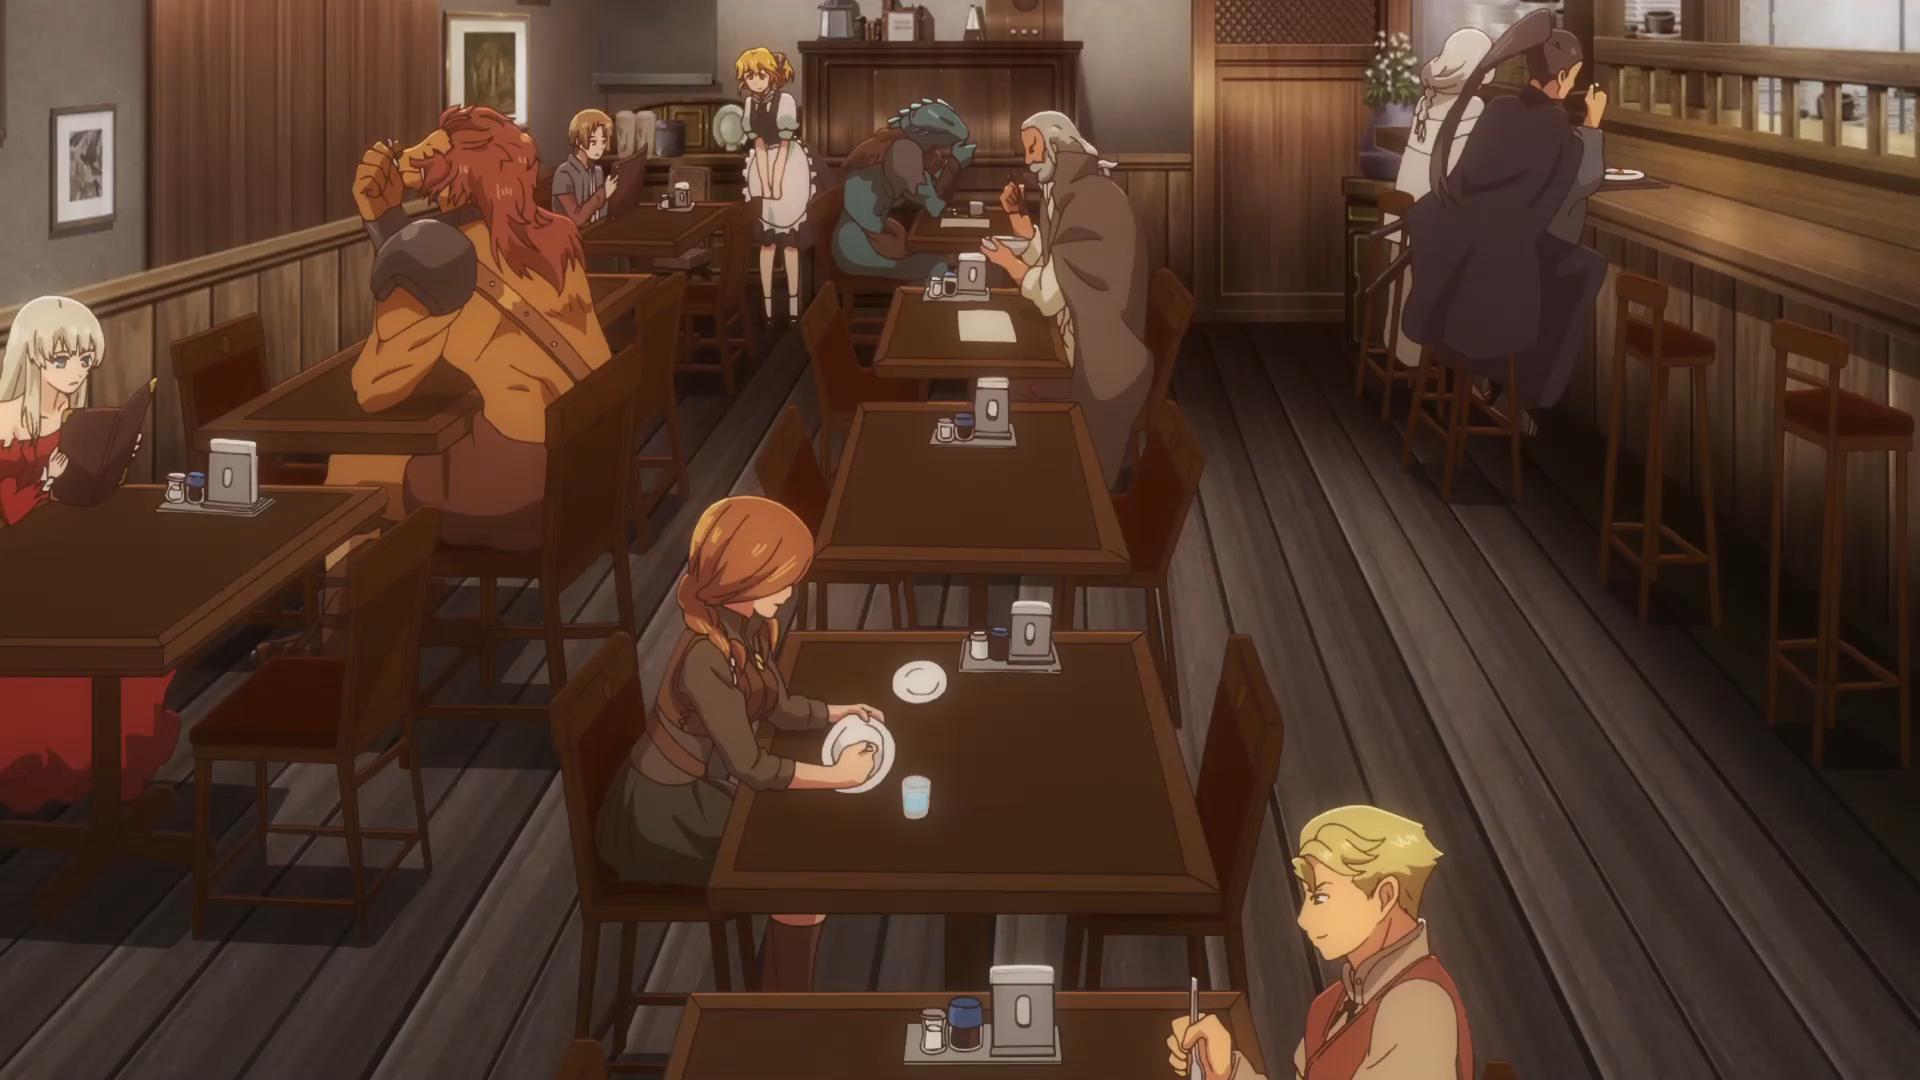 Spoilers Isekai Shokudou Episode 3 Discussion Anime